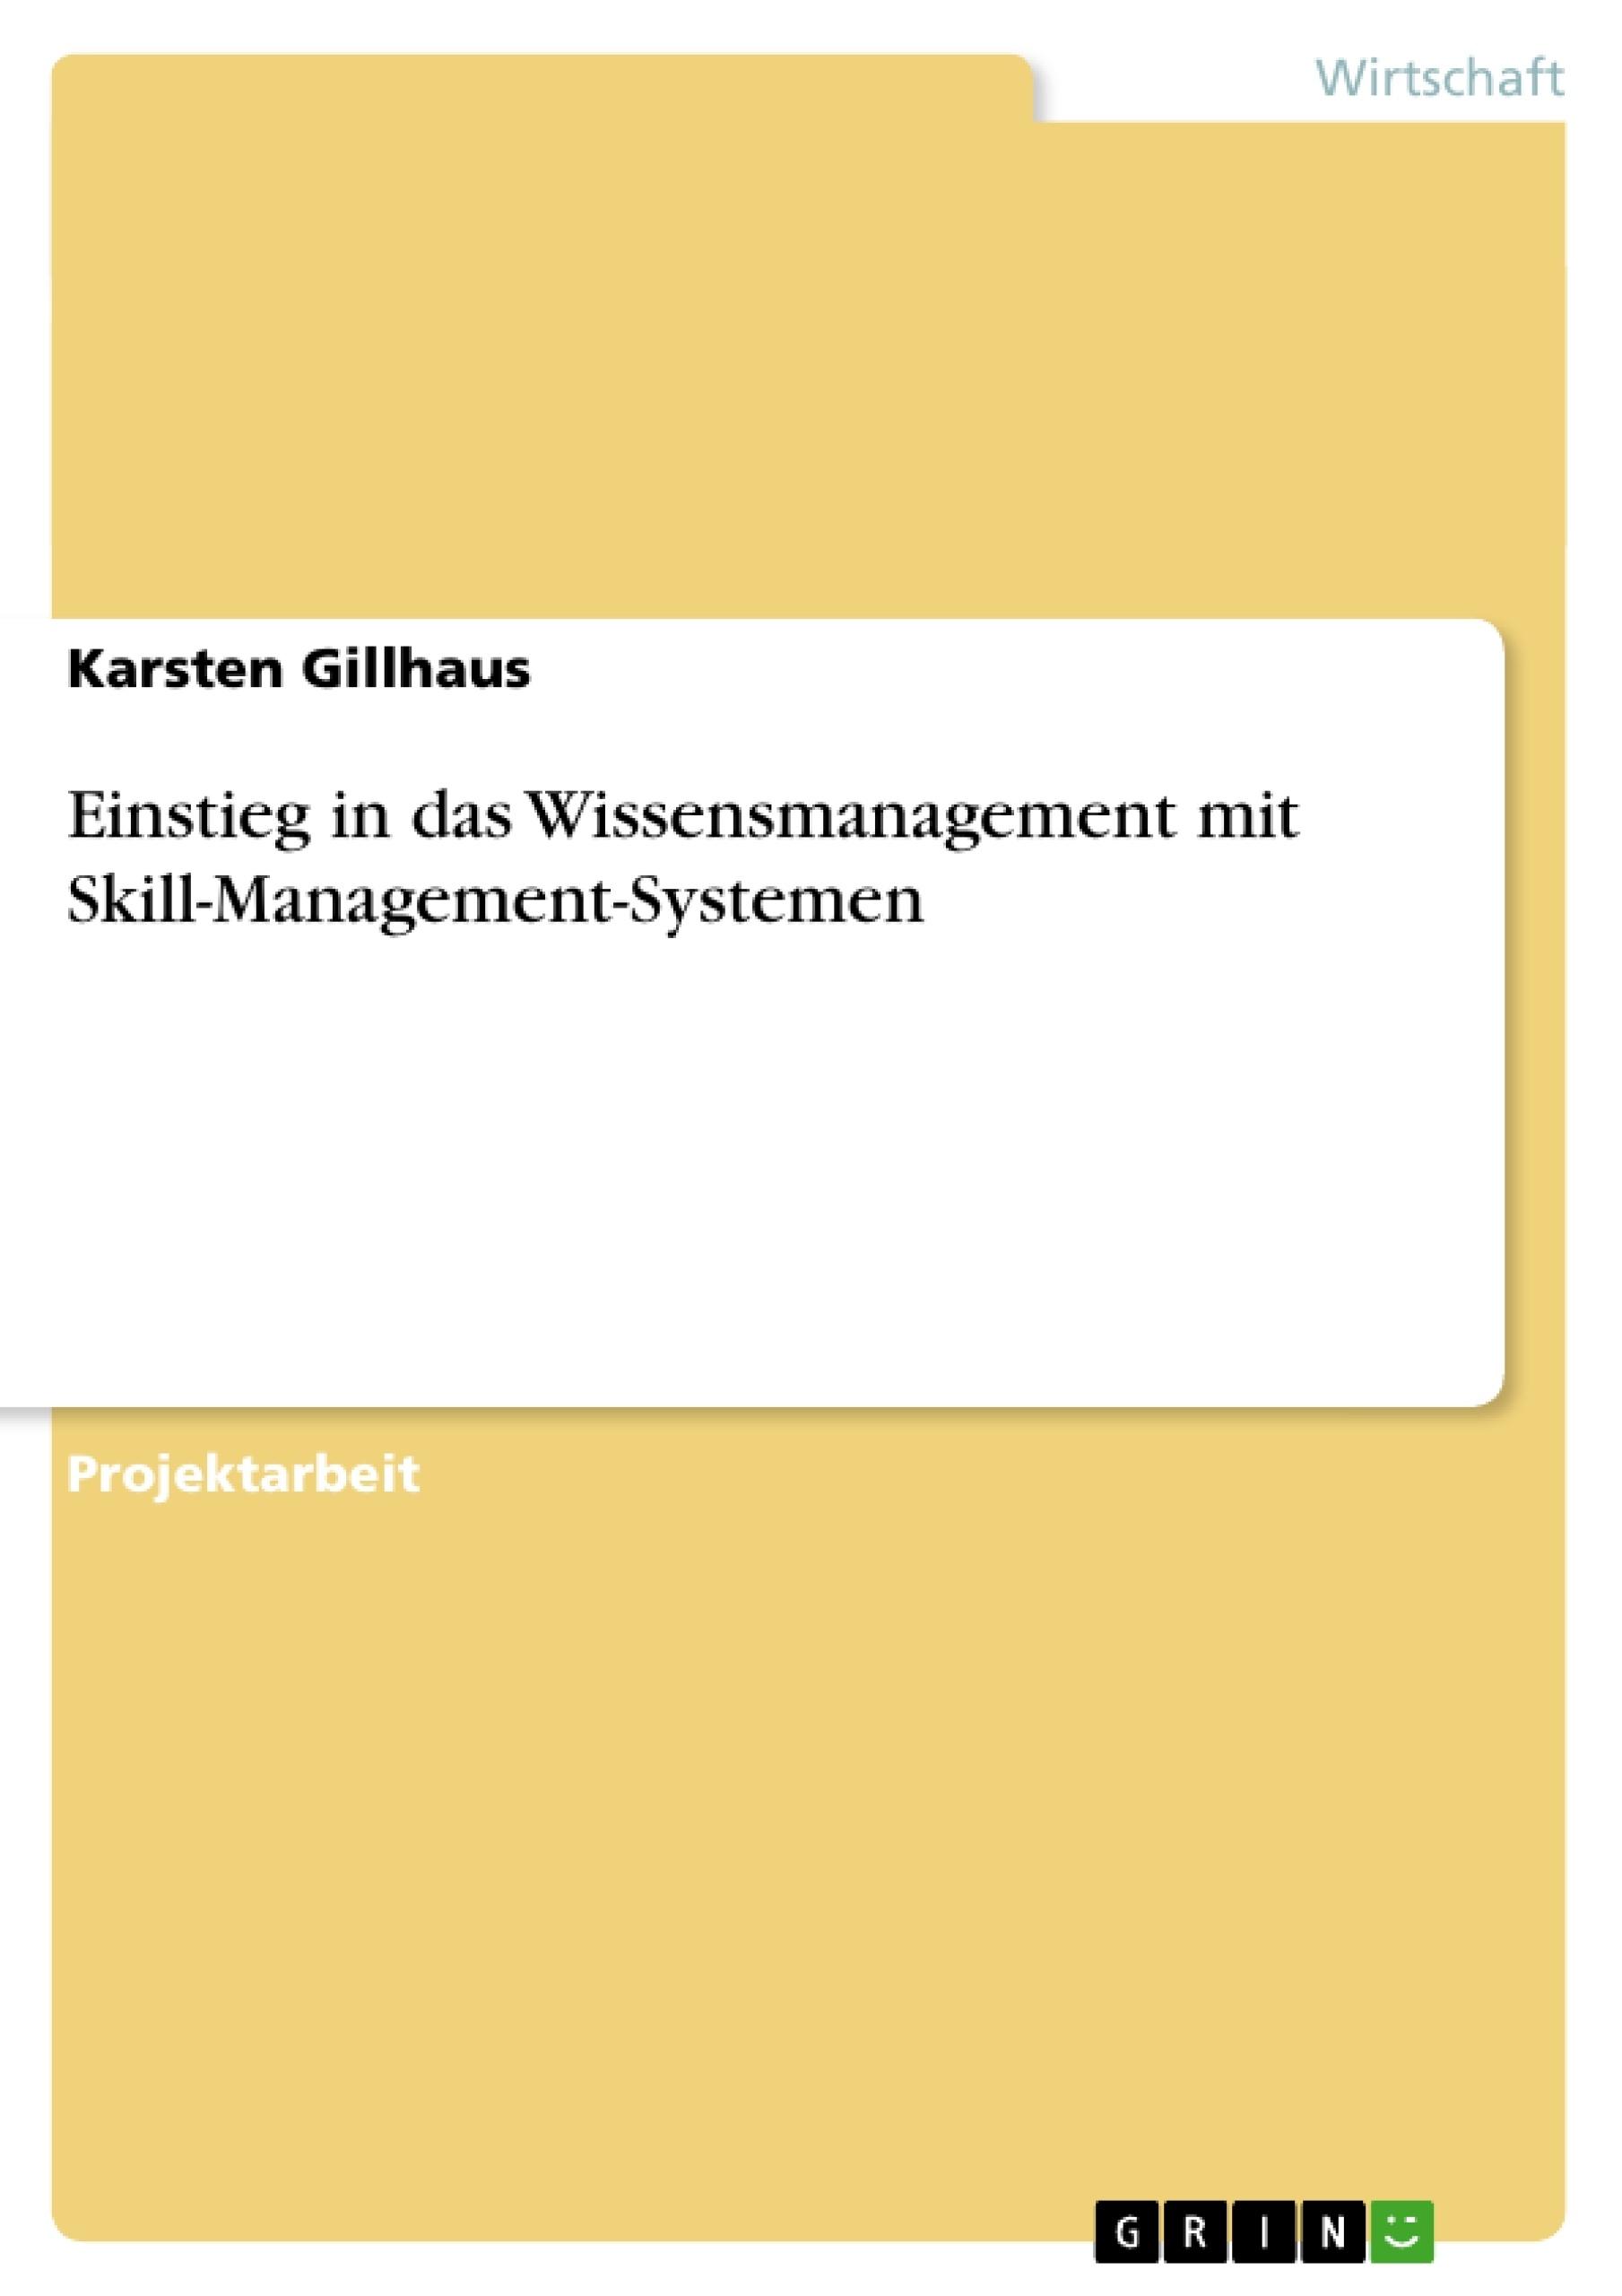 Titel: Einstieg in das Wissensmanagement mit Skill-Management-Systemen